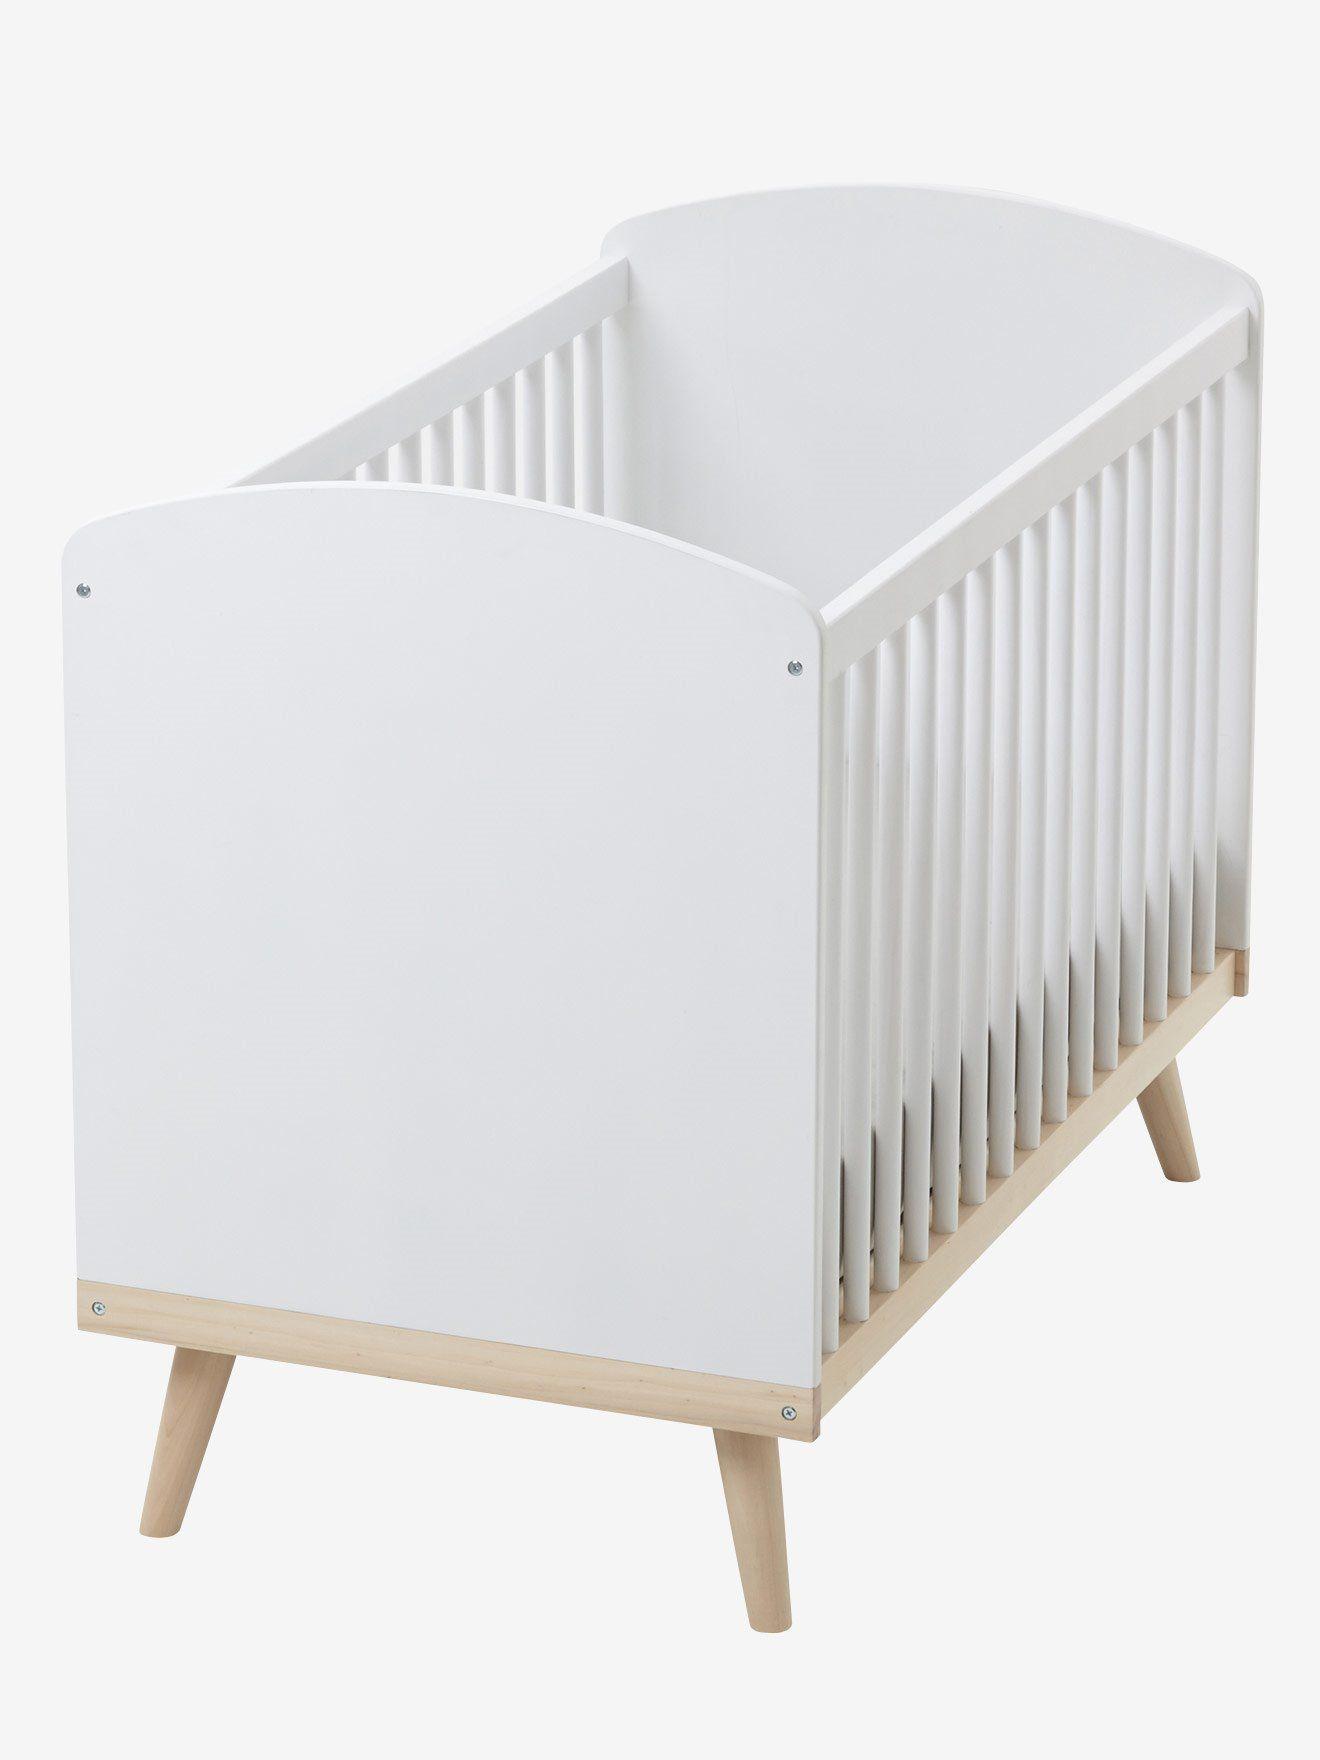 Babybett Konfetti Mit Hohenverstellbarem Lattenrost Von Vertbaudet In Weiss Natur Nur 2 95 Versand Kinderzimmer Jetzt Bei Vertba Babybett Lattenrost Bett